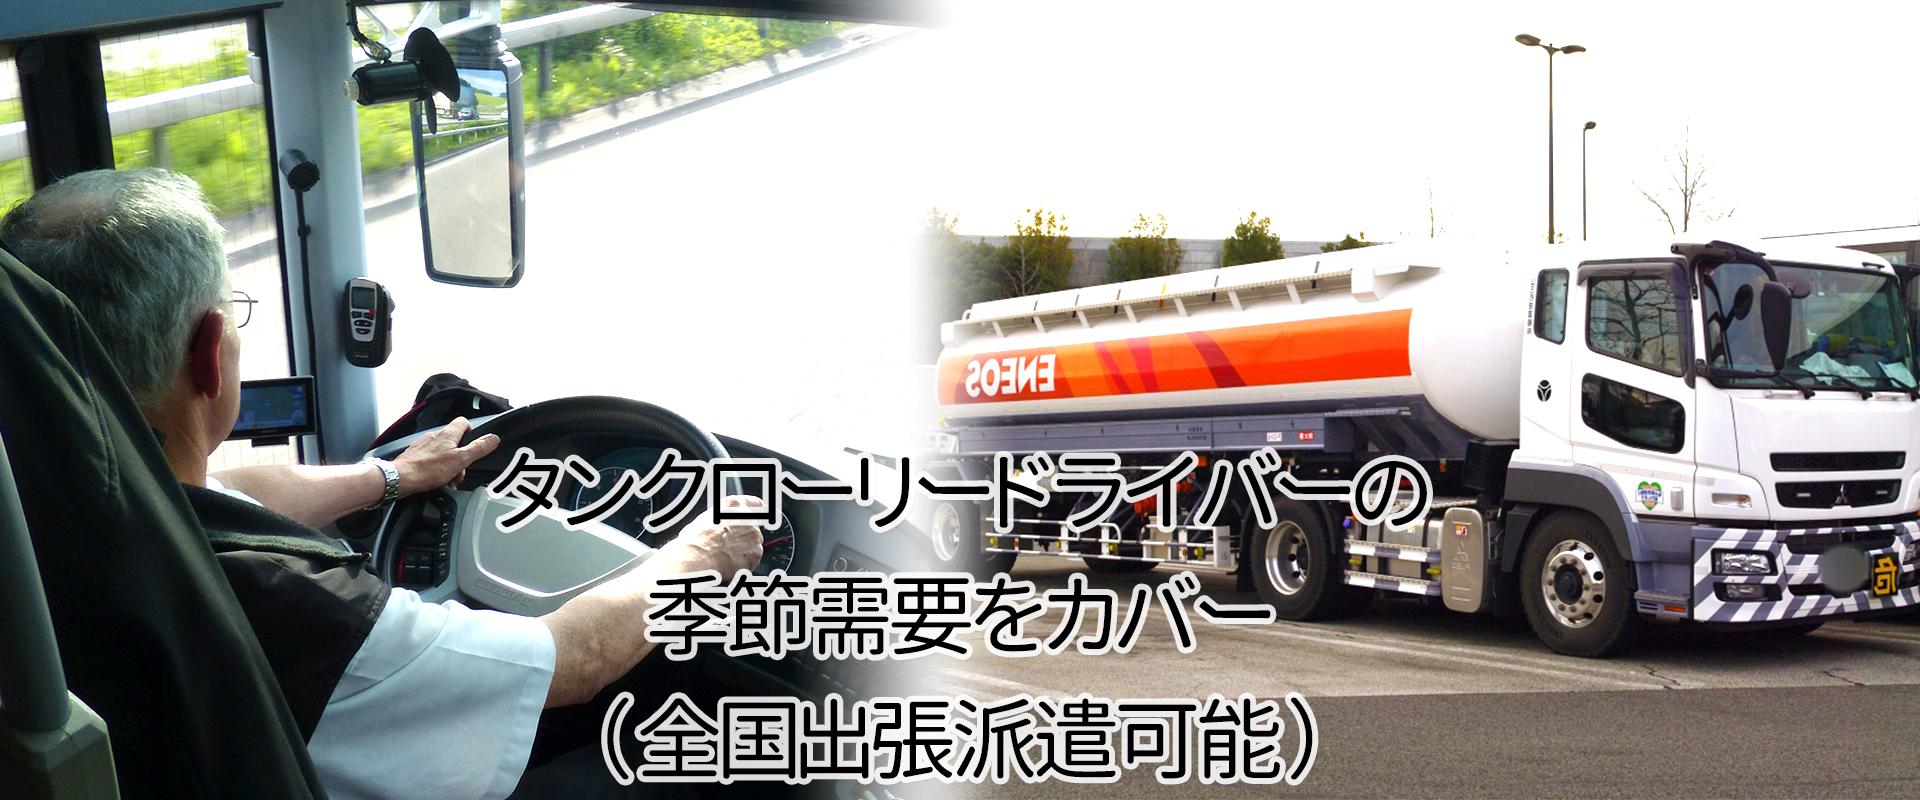 タンクローリードライバーの-季節需要をカバー-(全国出張派遣可能)